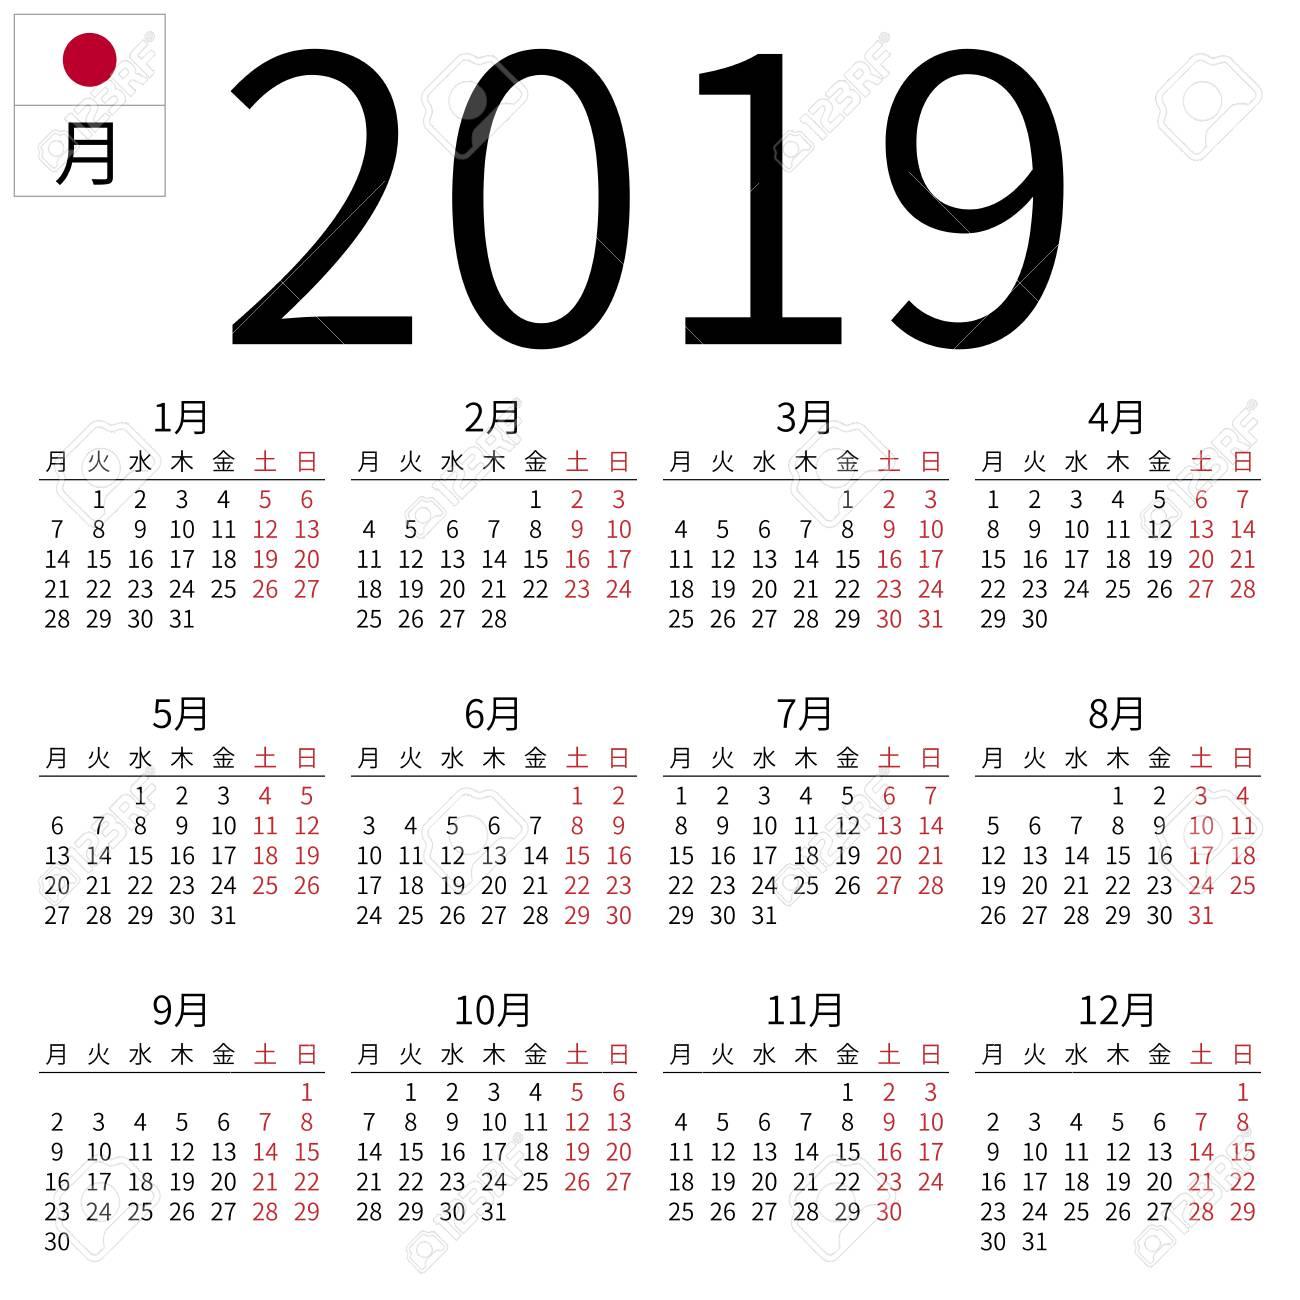 Calendario Settimane Anno 2019.Calendario Murale Annuale Semplice Anno 2019 Lingua Giapponese La Settimana Inizia Il Lunedi Evidenziato Sabato E Domenica Niente Vacanze